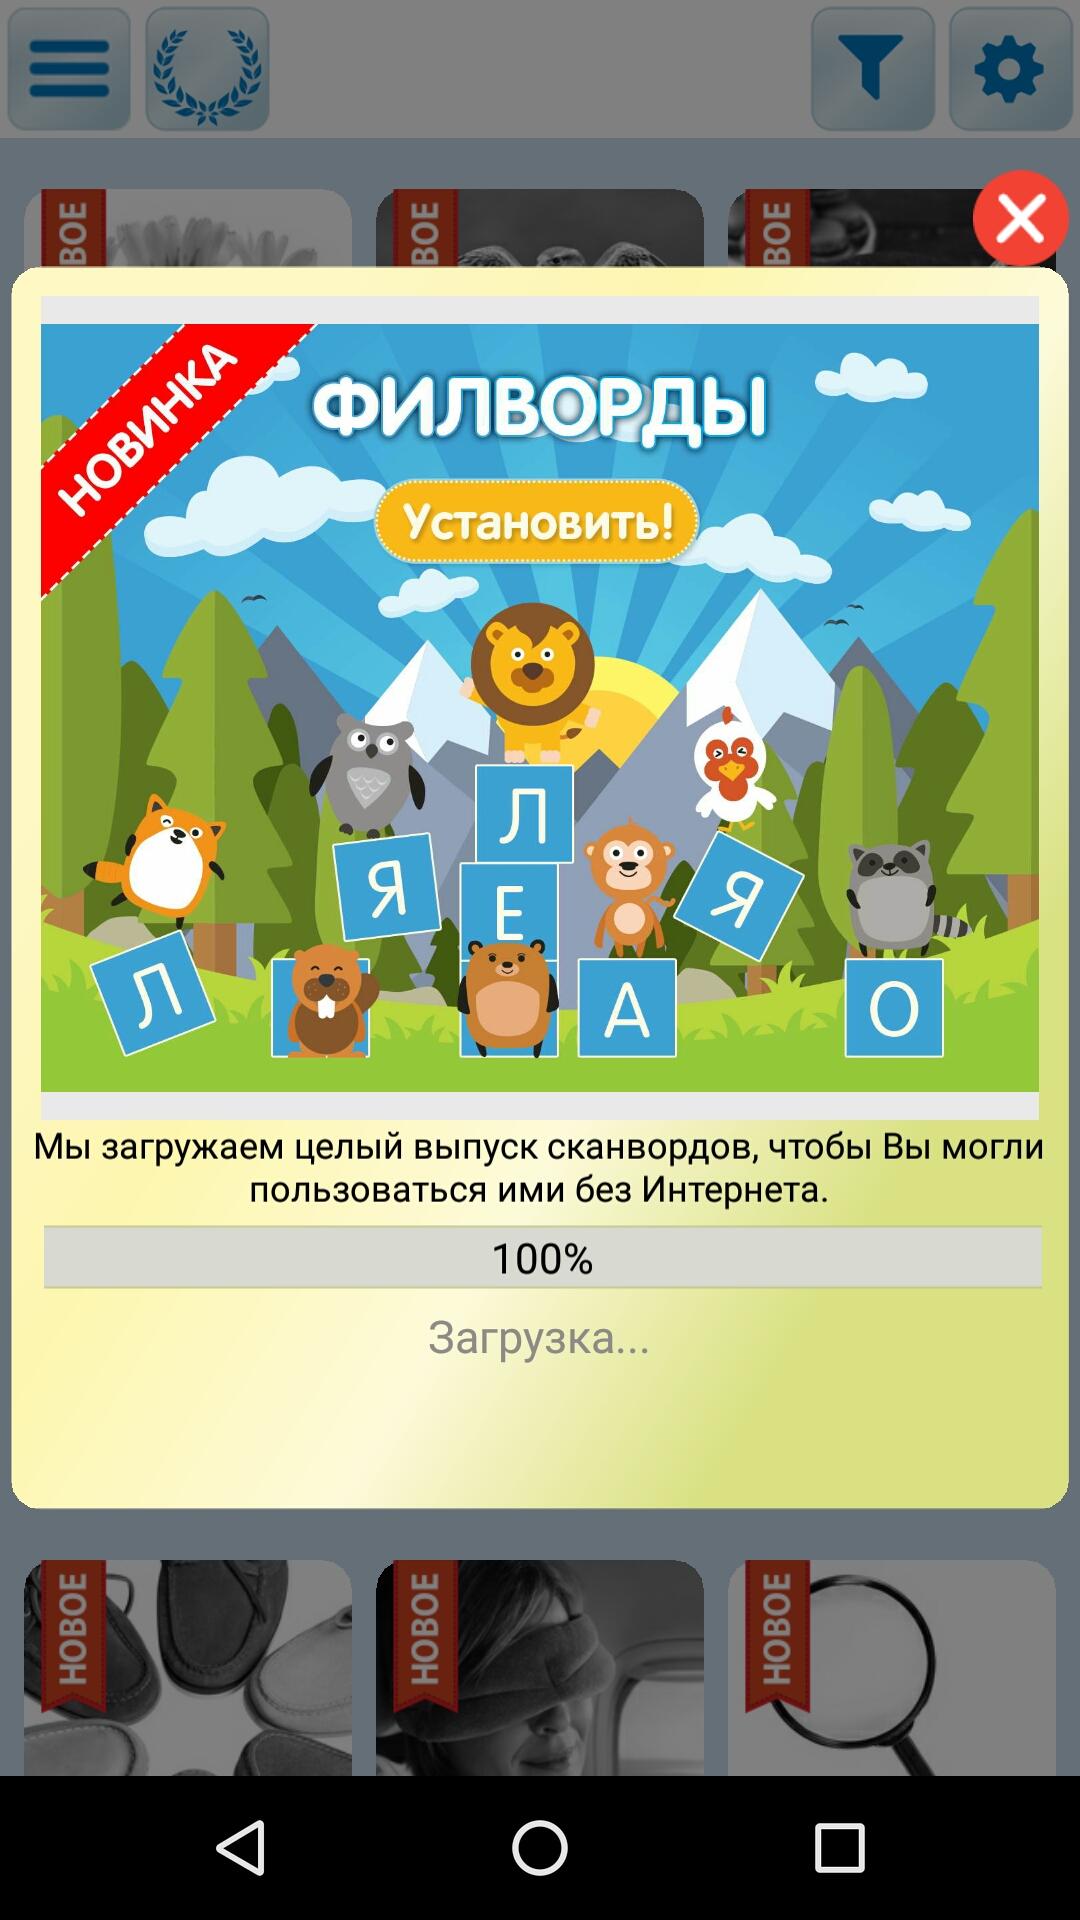 Скачать бесплатно игру сканворды андроид